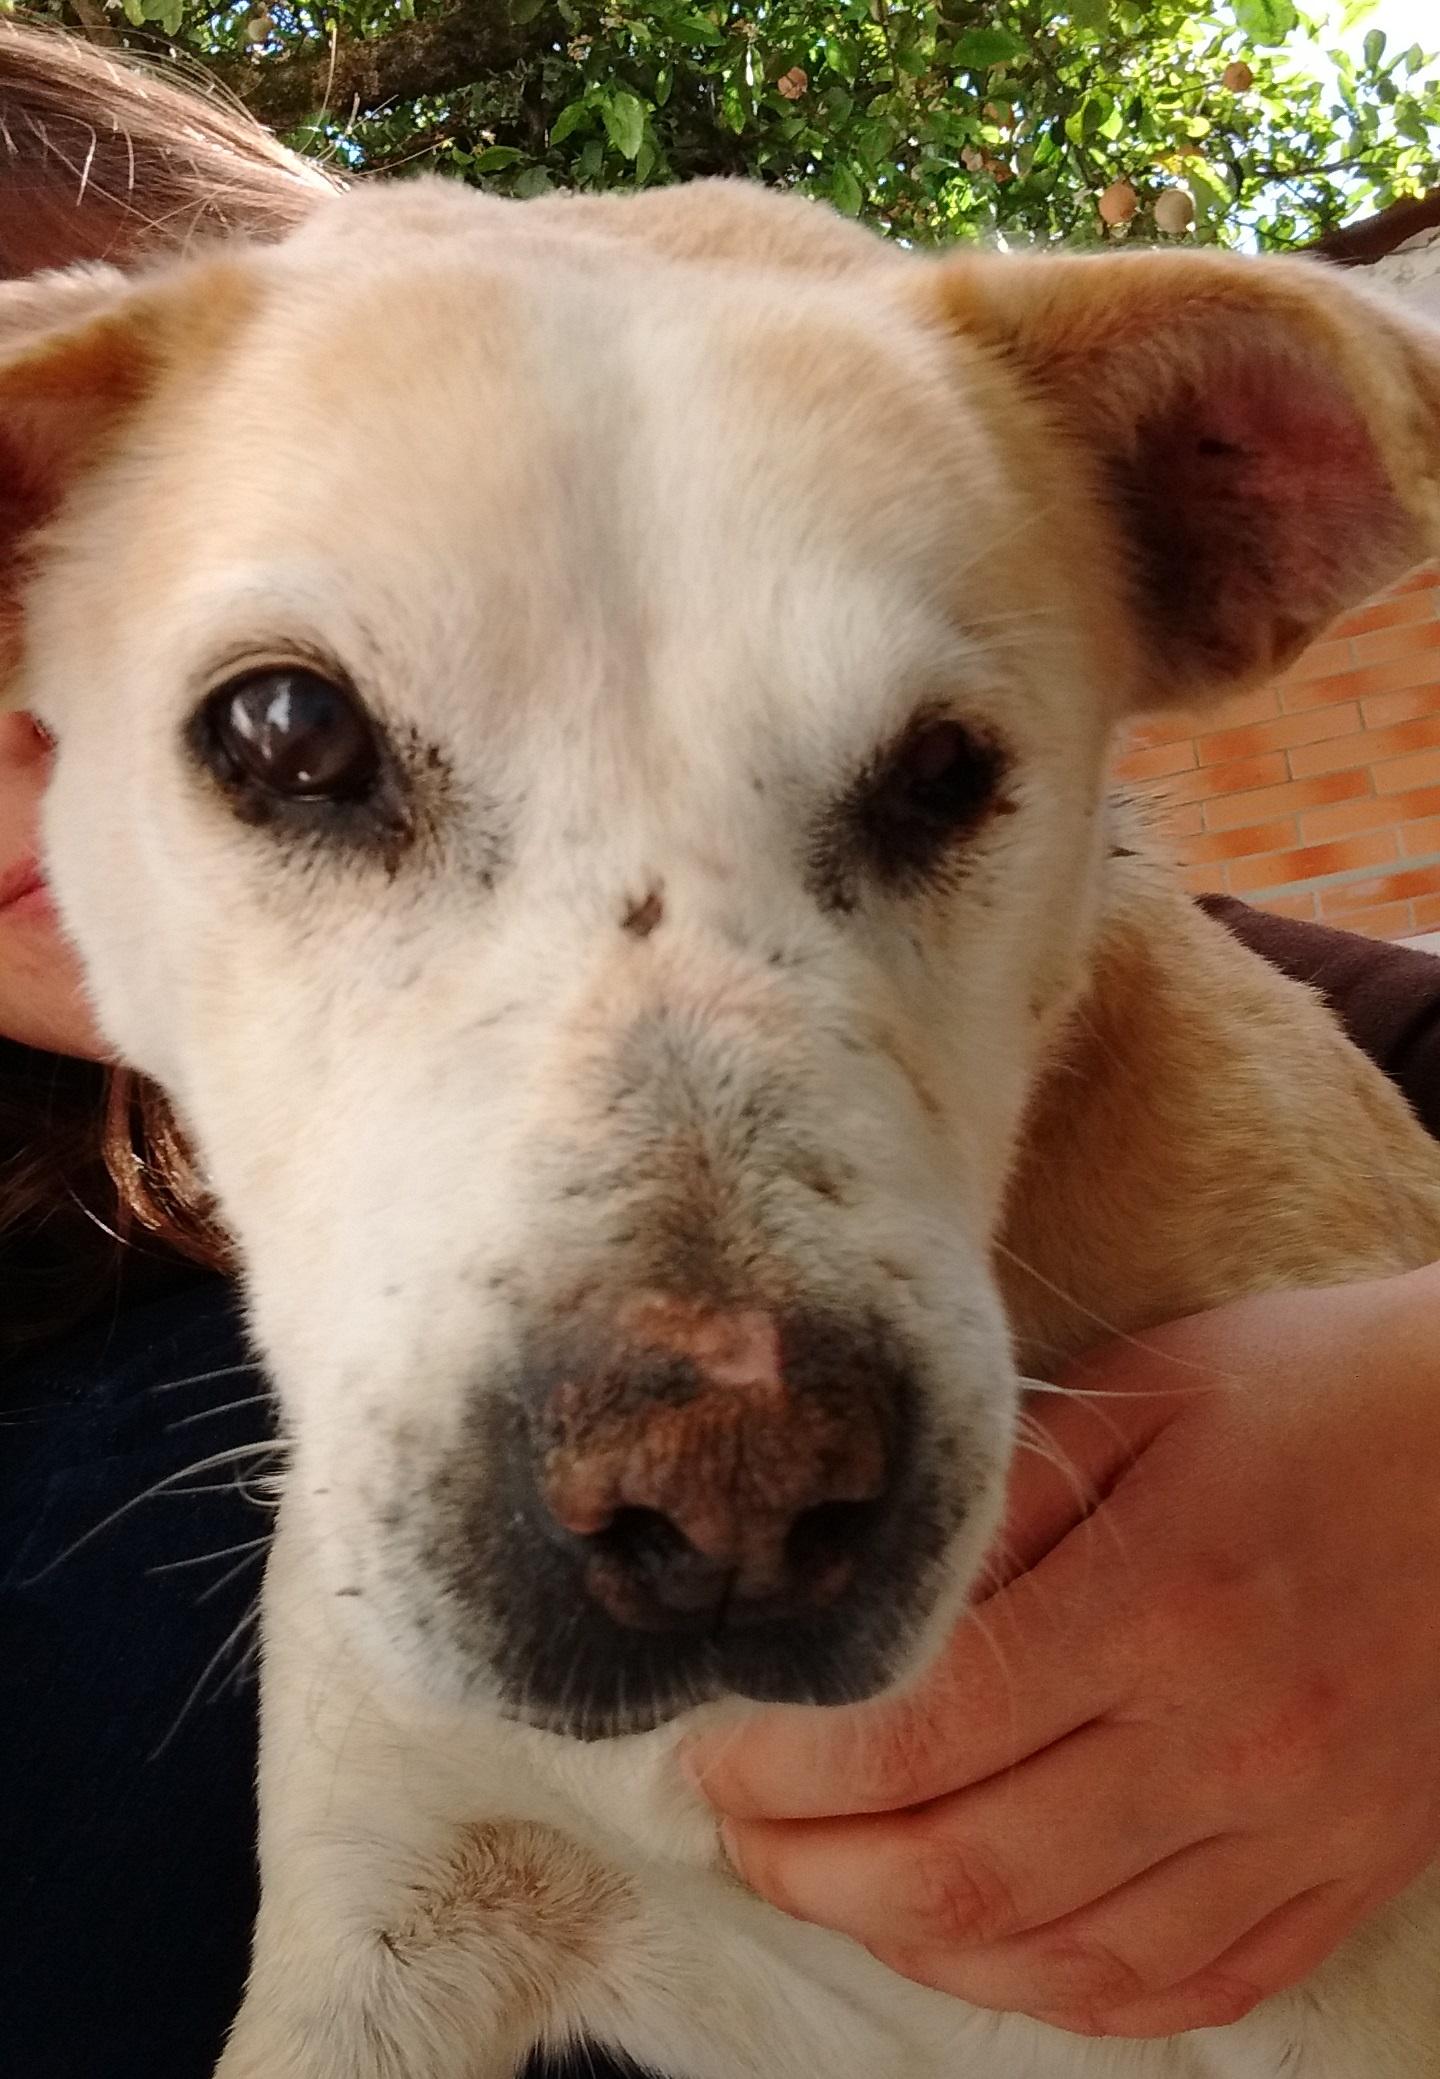 Dog Velho estava tão machucado quando Amanda o encontrou que demorou mais de um mês para confiar nela | Foto: Arquivo pessoal